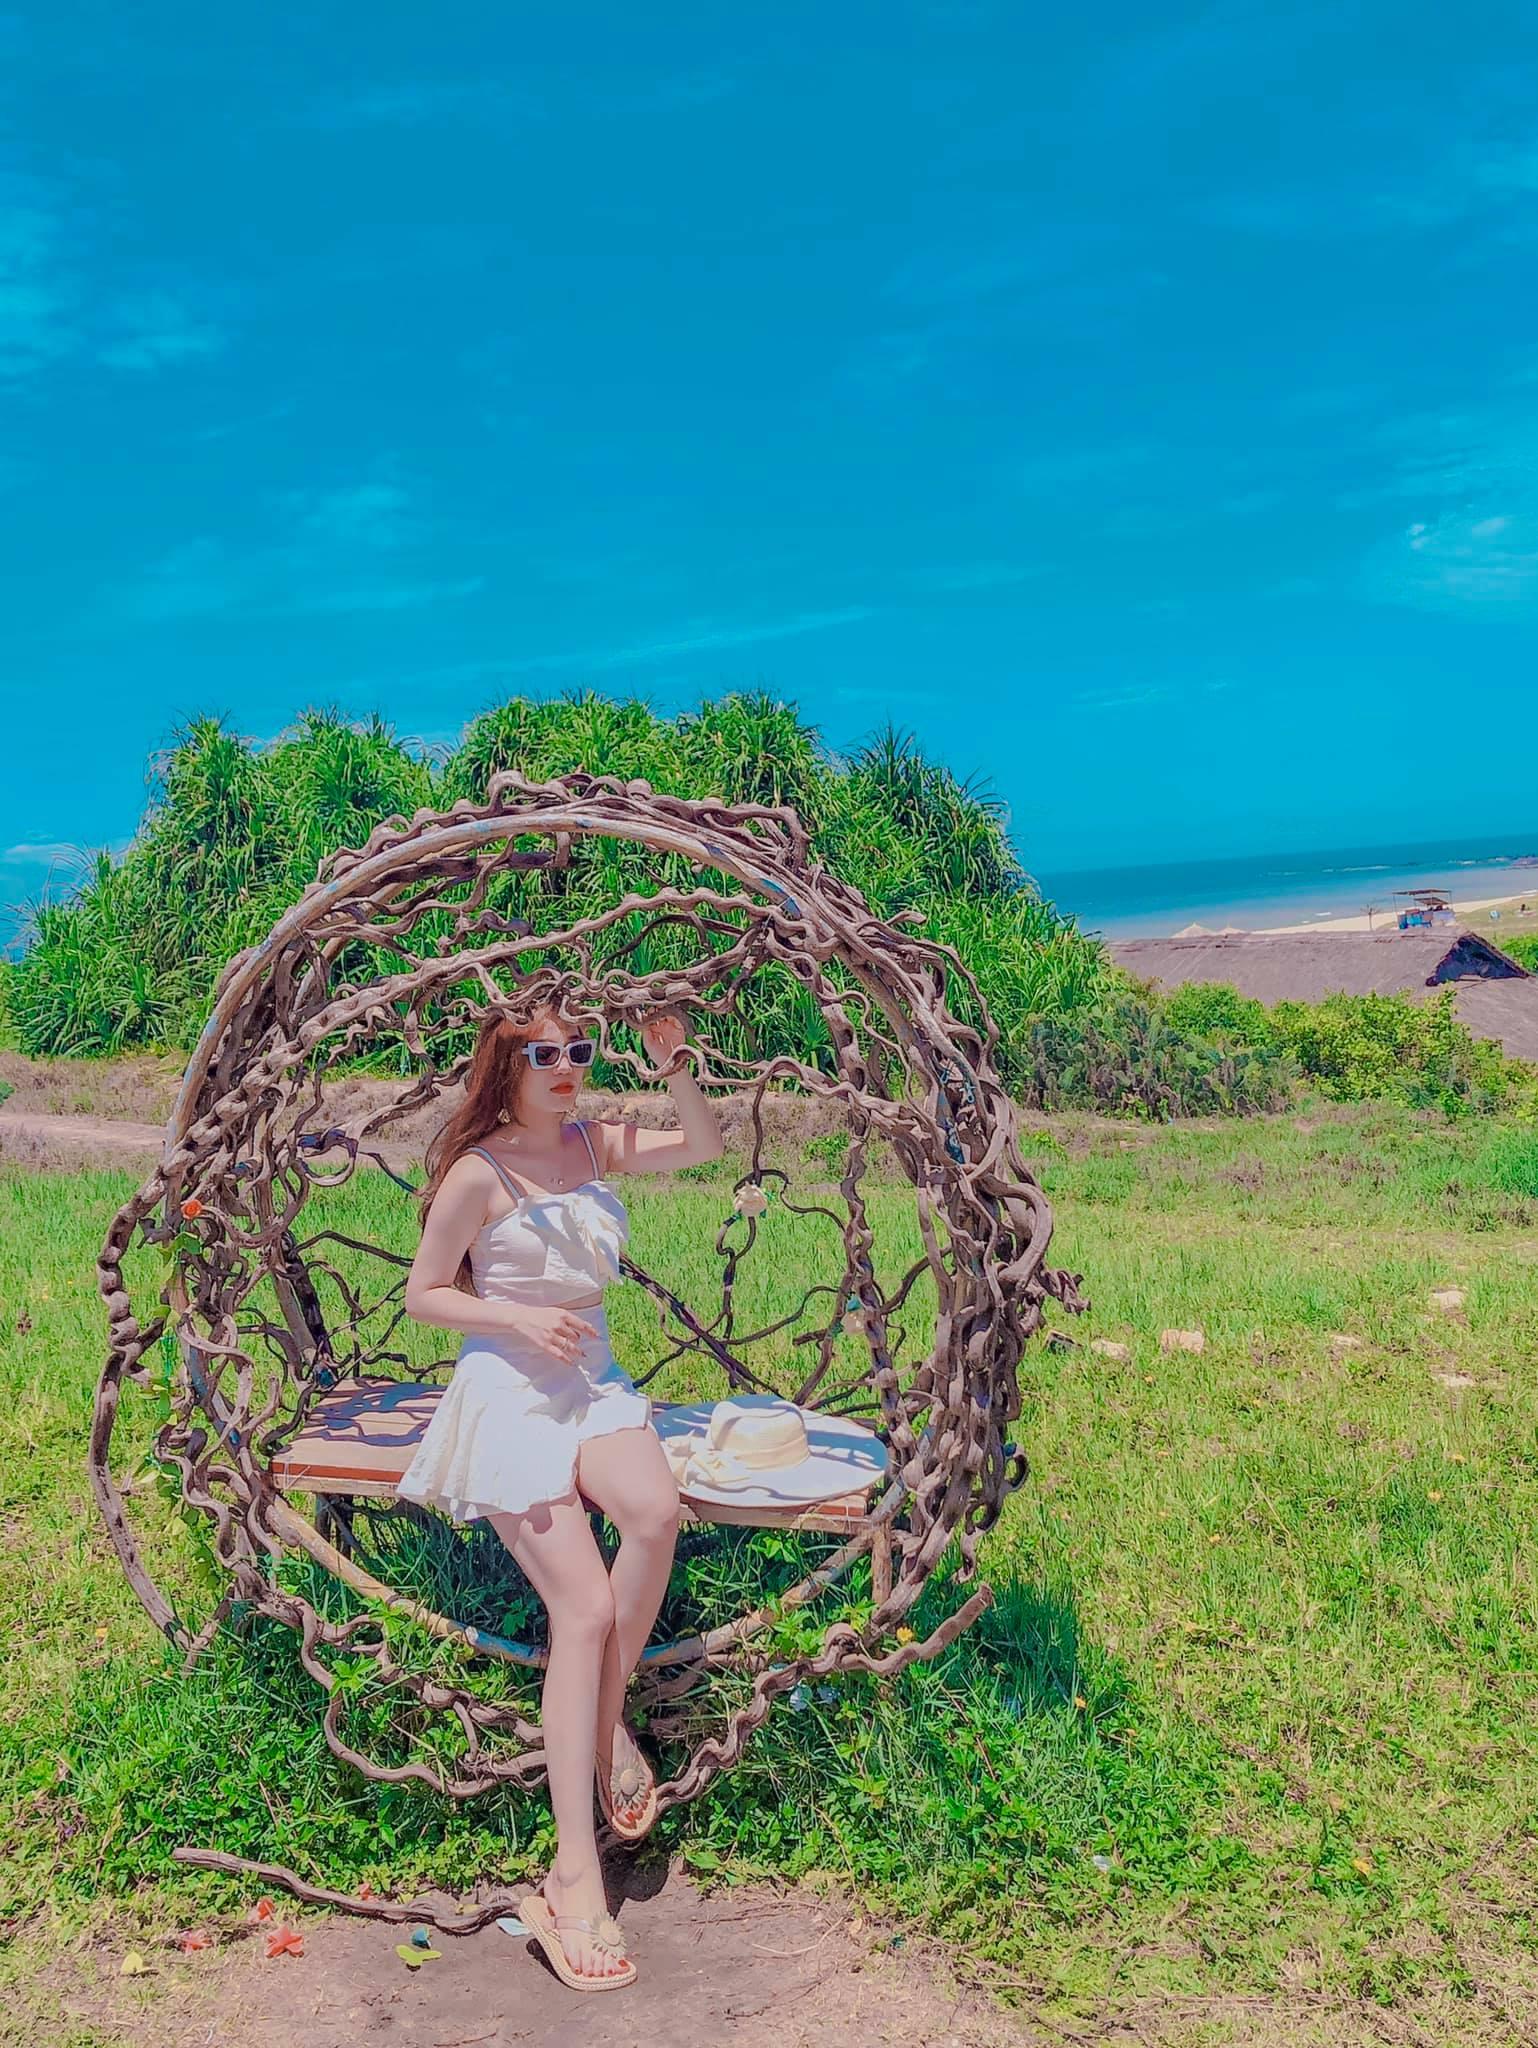 Tour du lịch Quy Nhơn từ Hà Nội: Du ngoạn 'Maldives của Việt Nam' với giá chỉ từ 650.000 đồng - Ảnh 17.